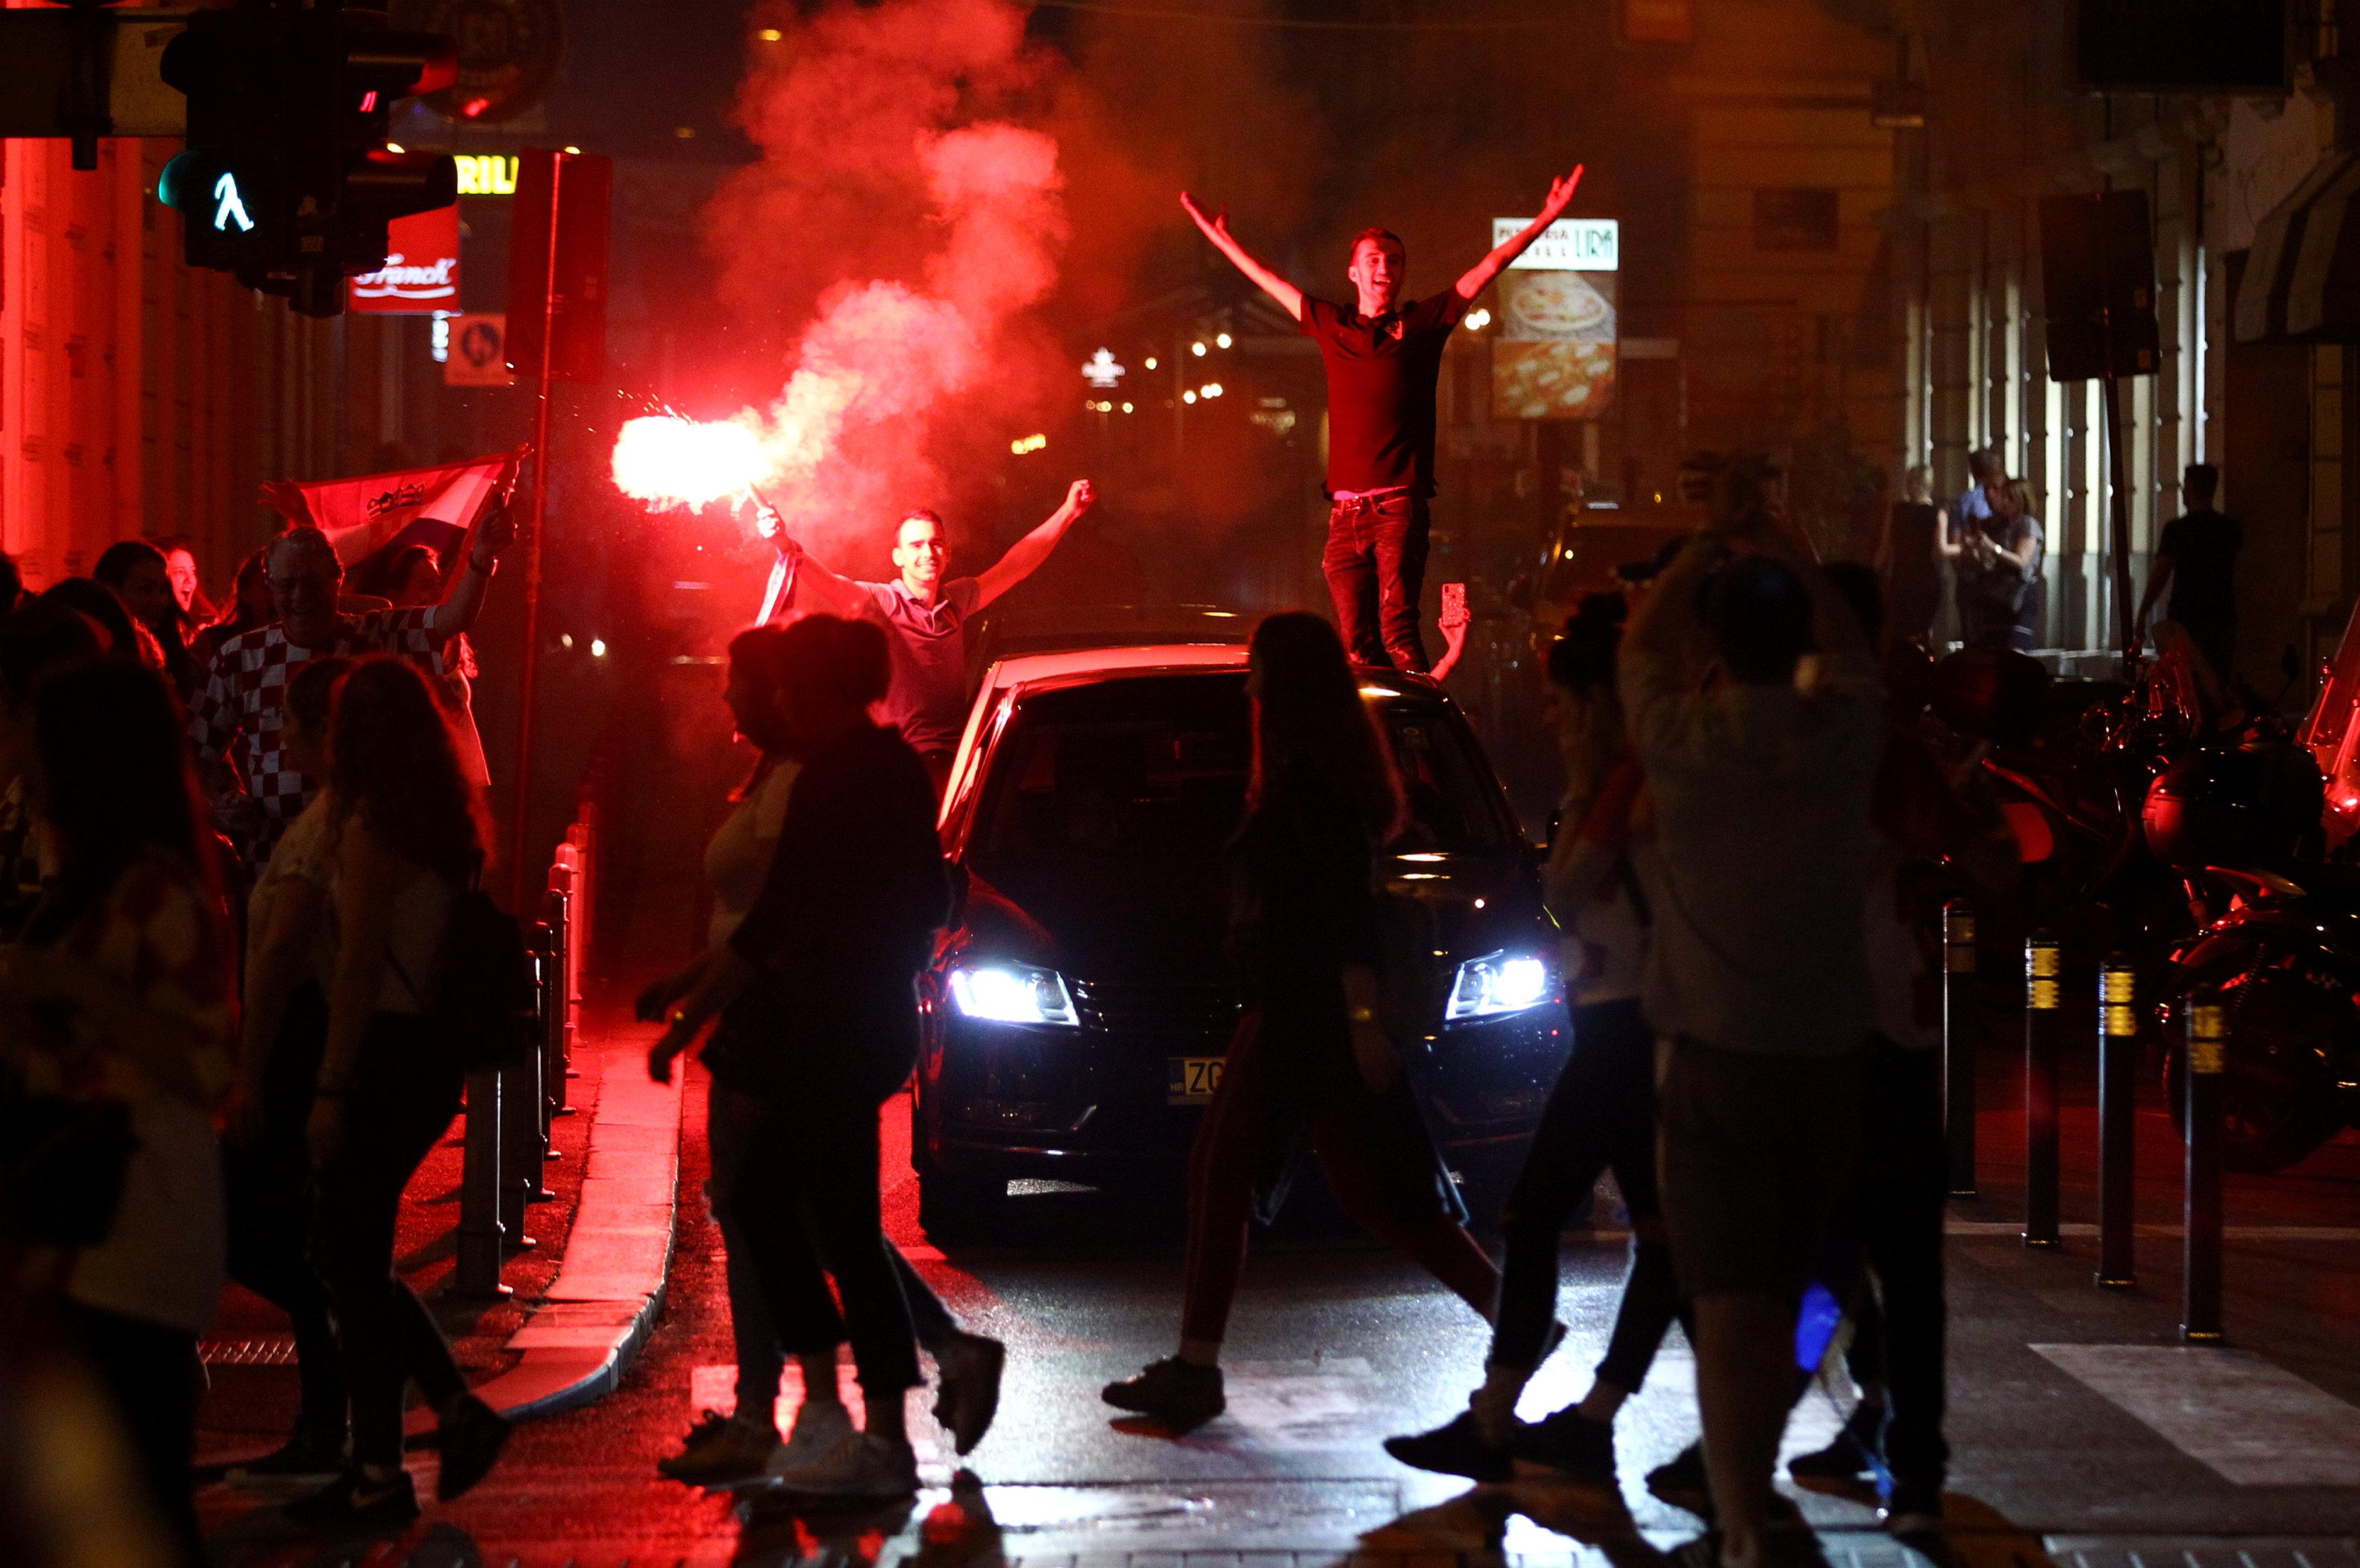 احتفالات منتخب كرواتيا بعد التأهل لنصف نهائي مونديال 2018 (5)